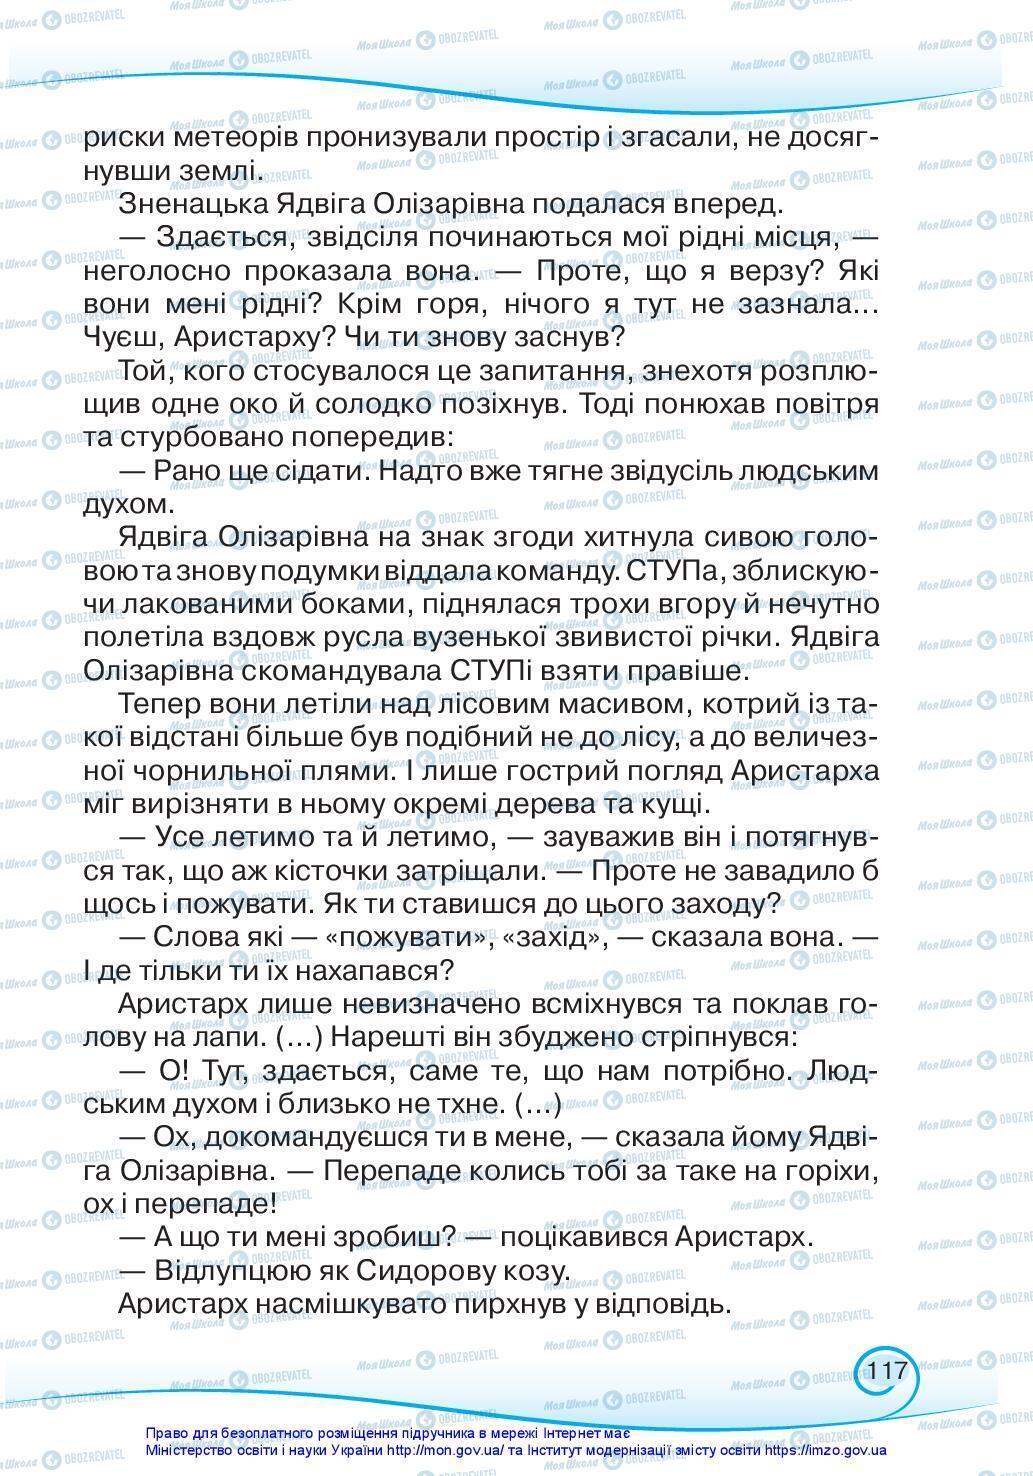 Підручники Українська мова 3 клас сторінка 117